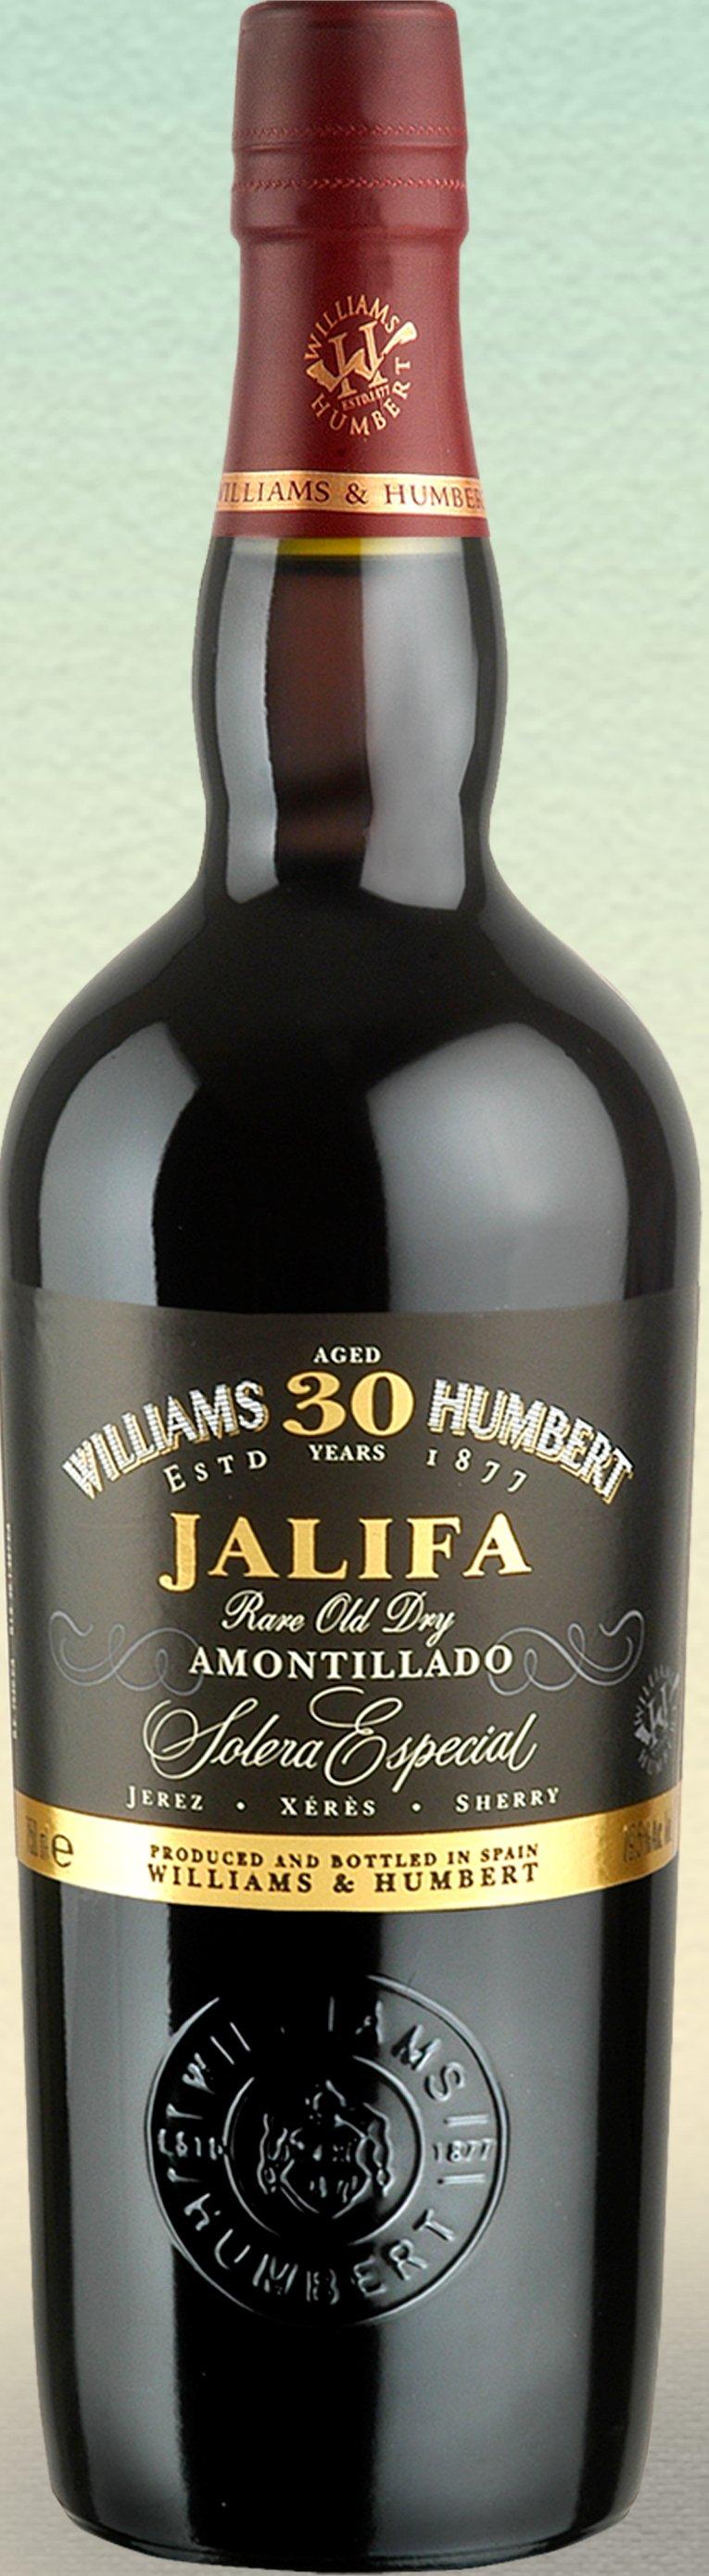 Jalifa Rare Old Amontillado Solera Especial 30 Years Old